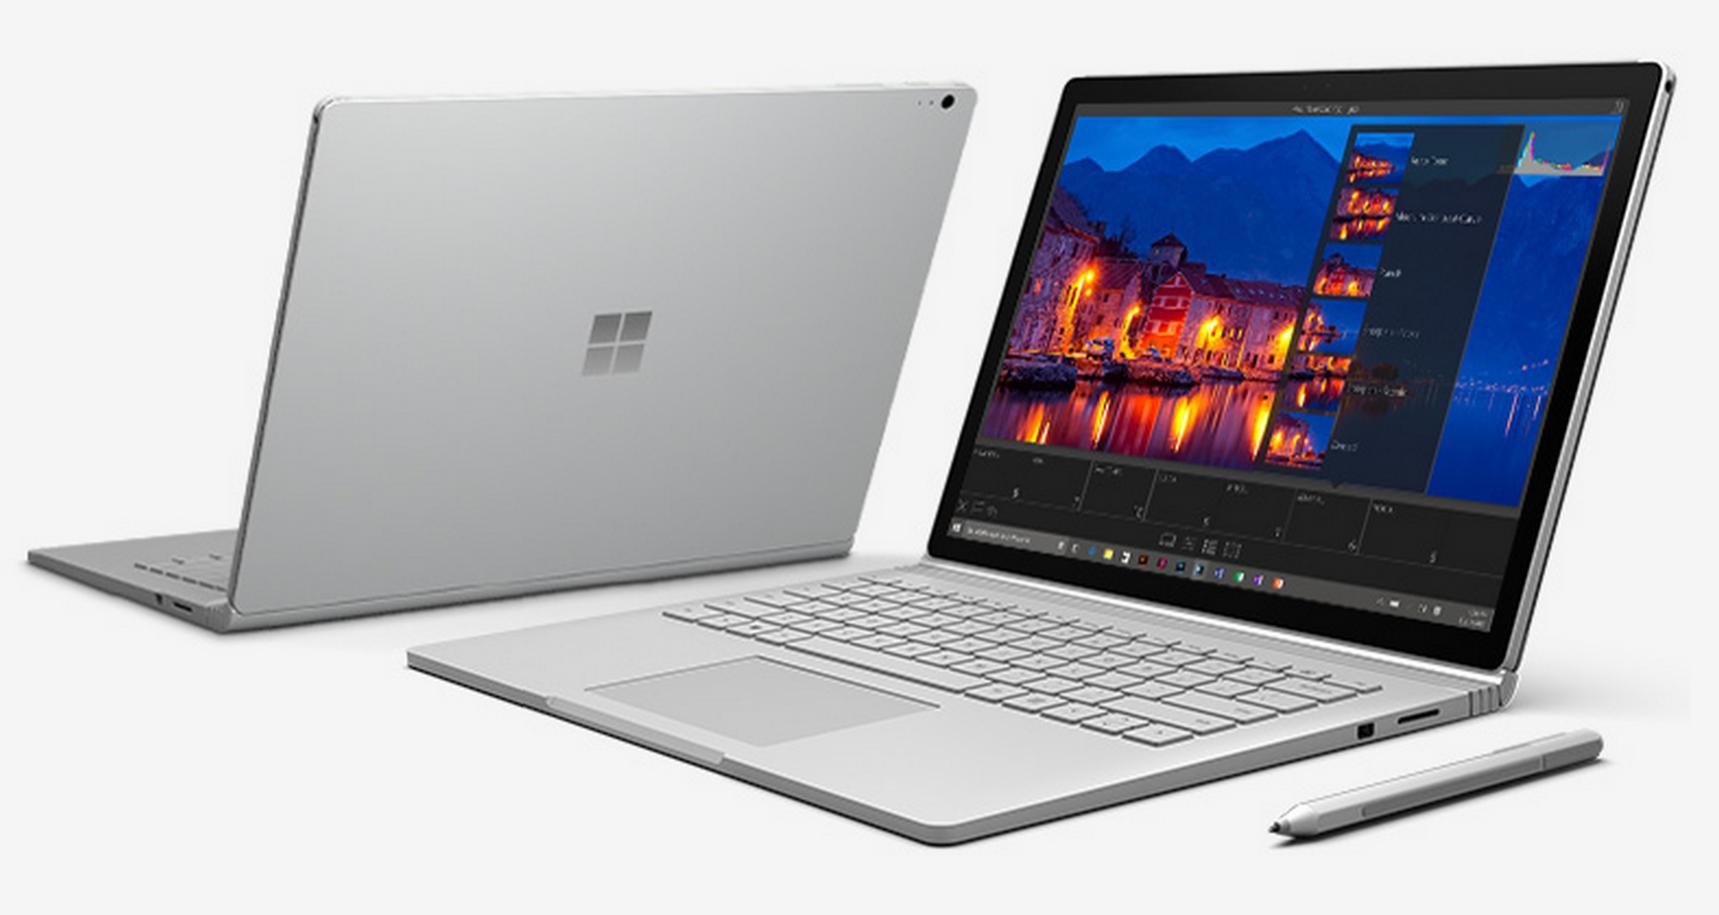 Il nuovo Microsoft Surface Book è un buon dispositivo con alcune stranezze. La recensione completa